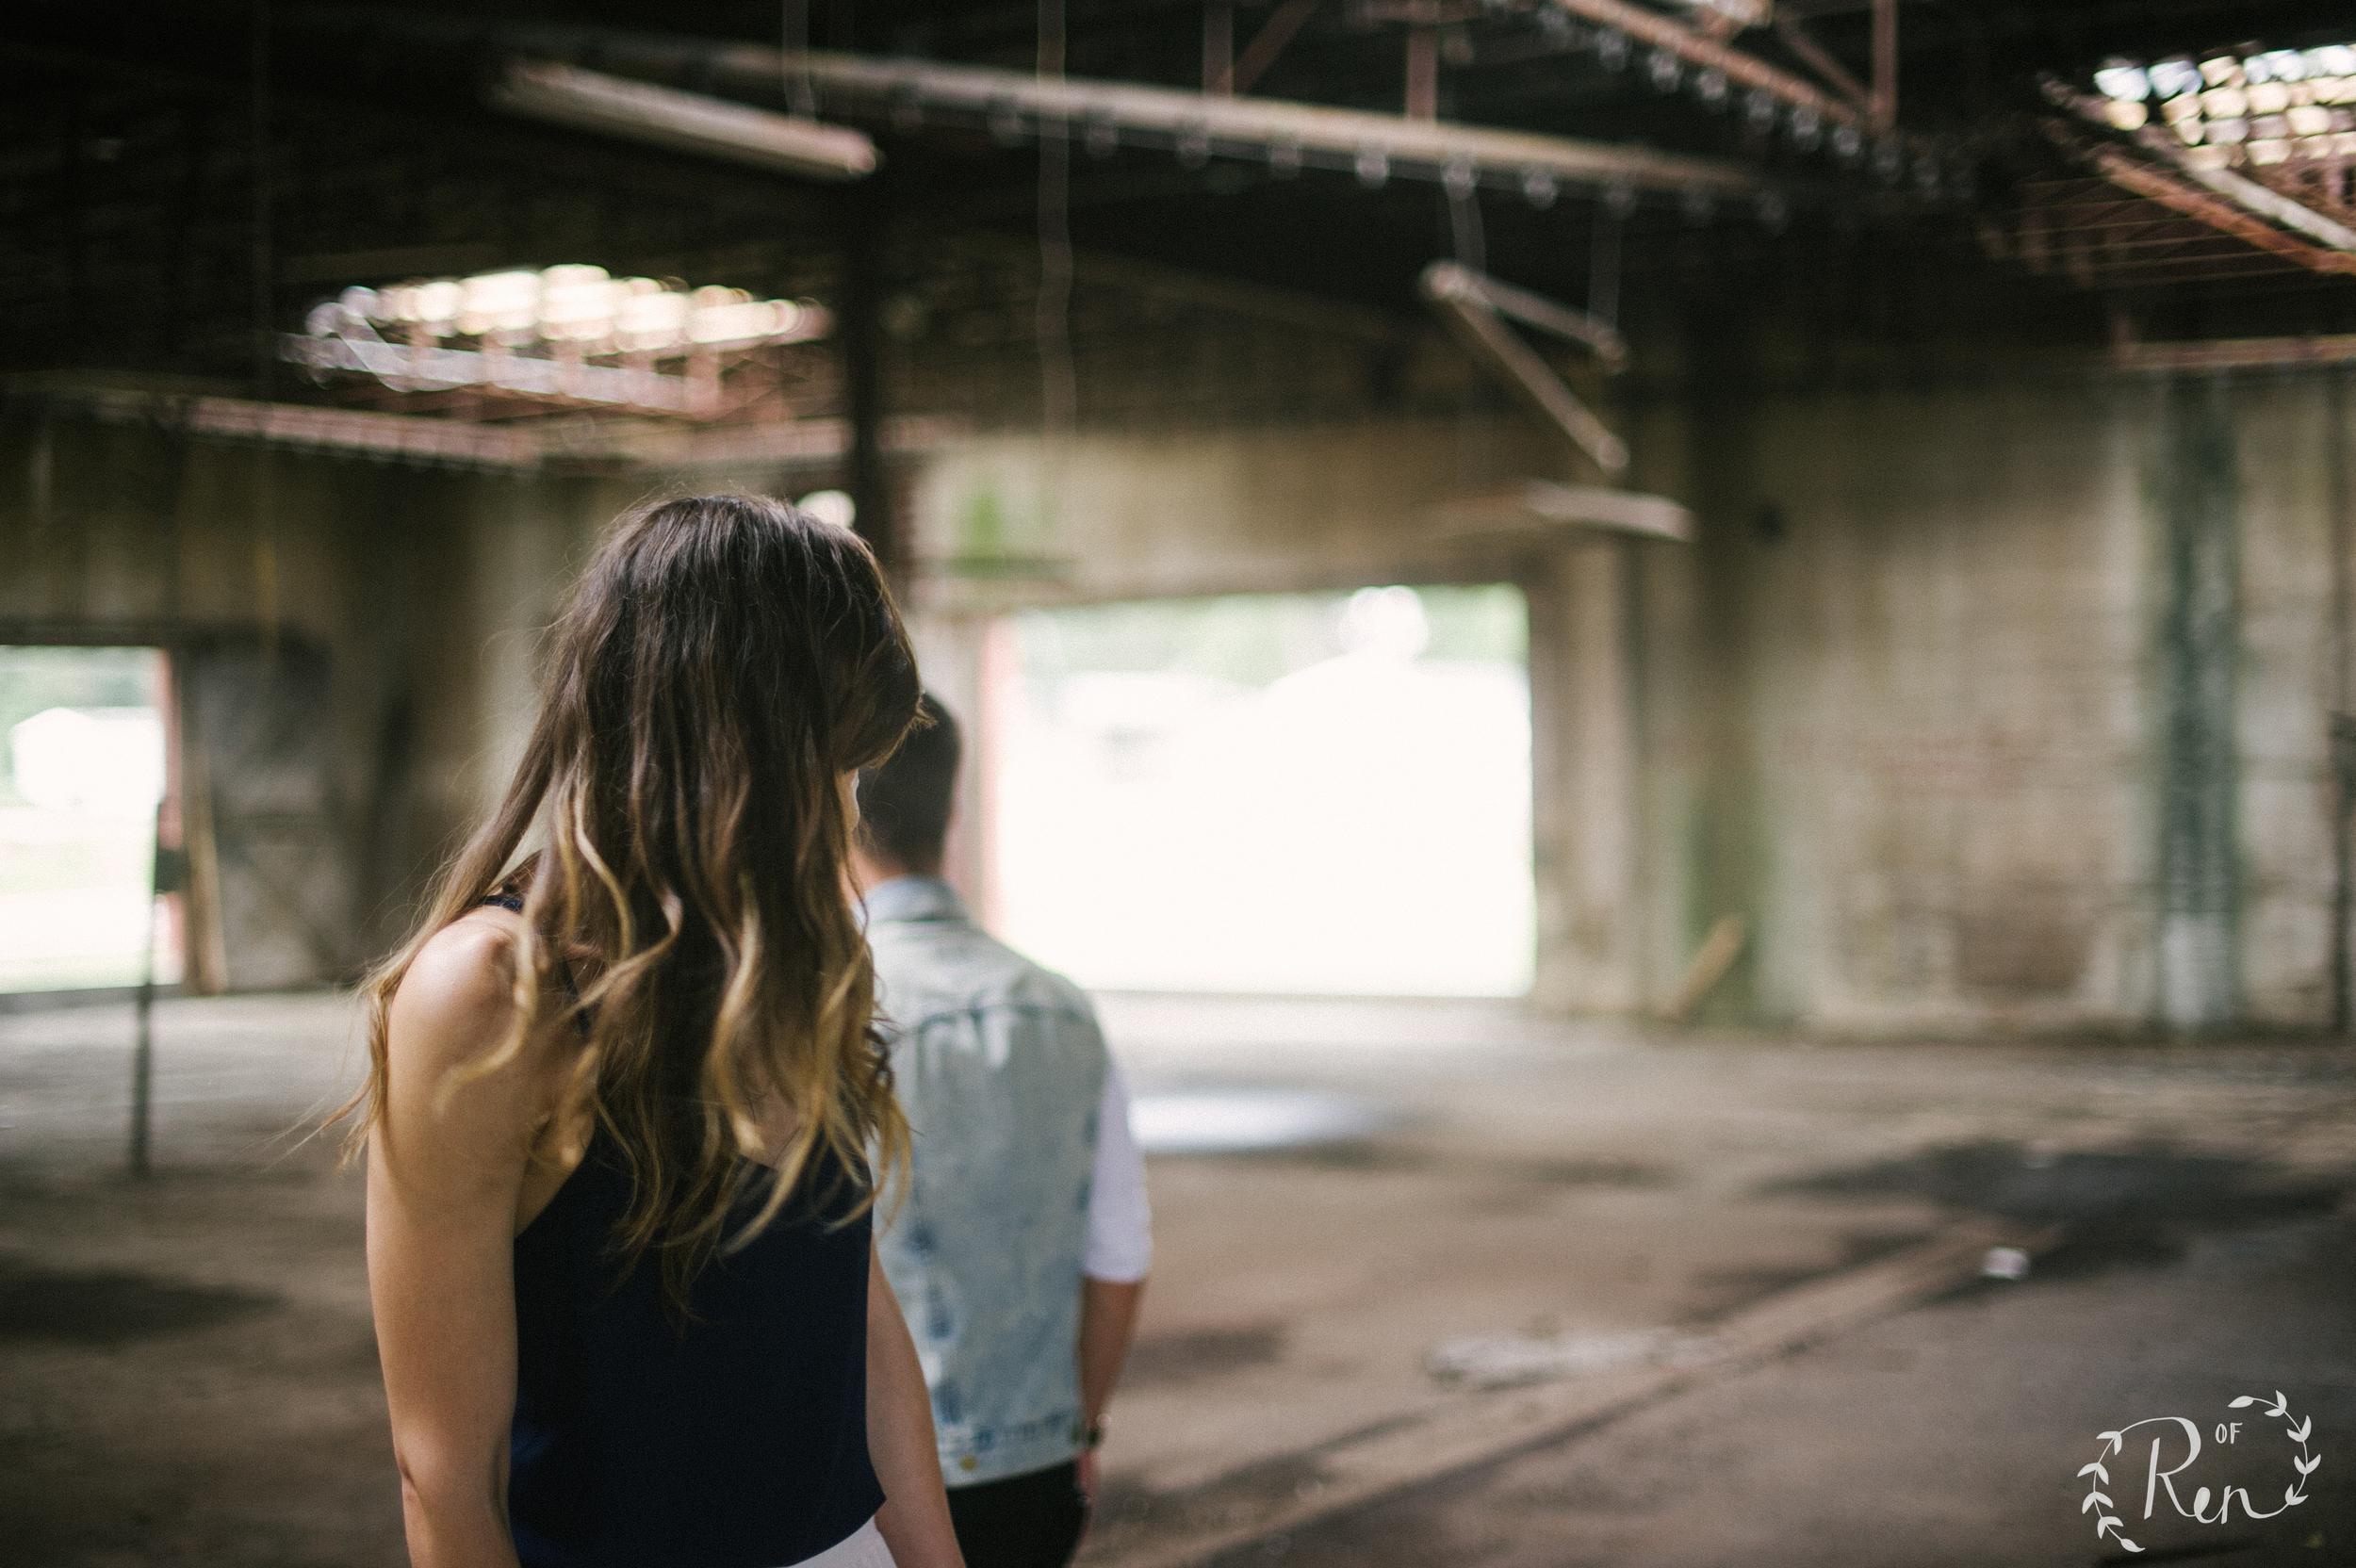 ofRen_EngagementPhotos_lensofren-32.jpg